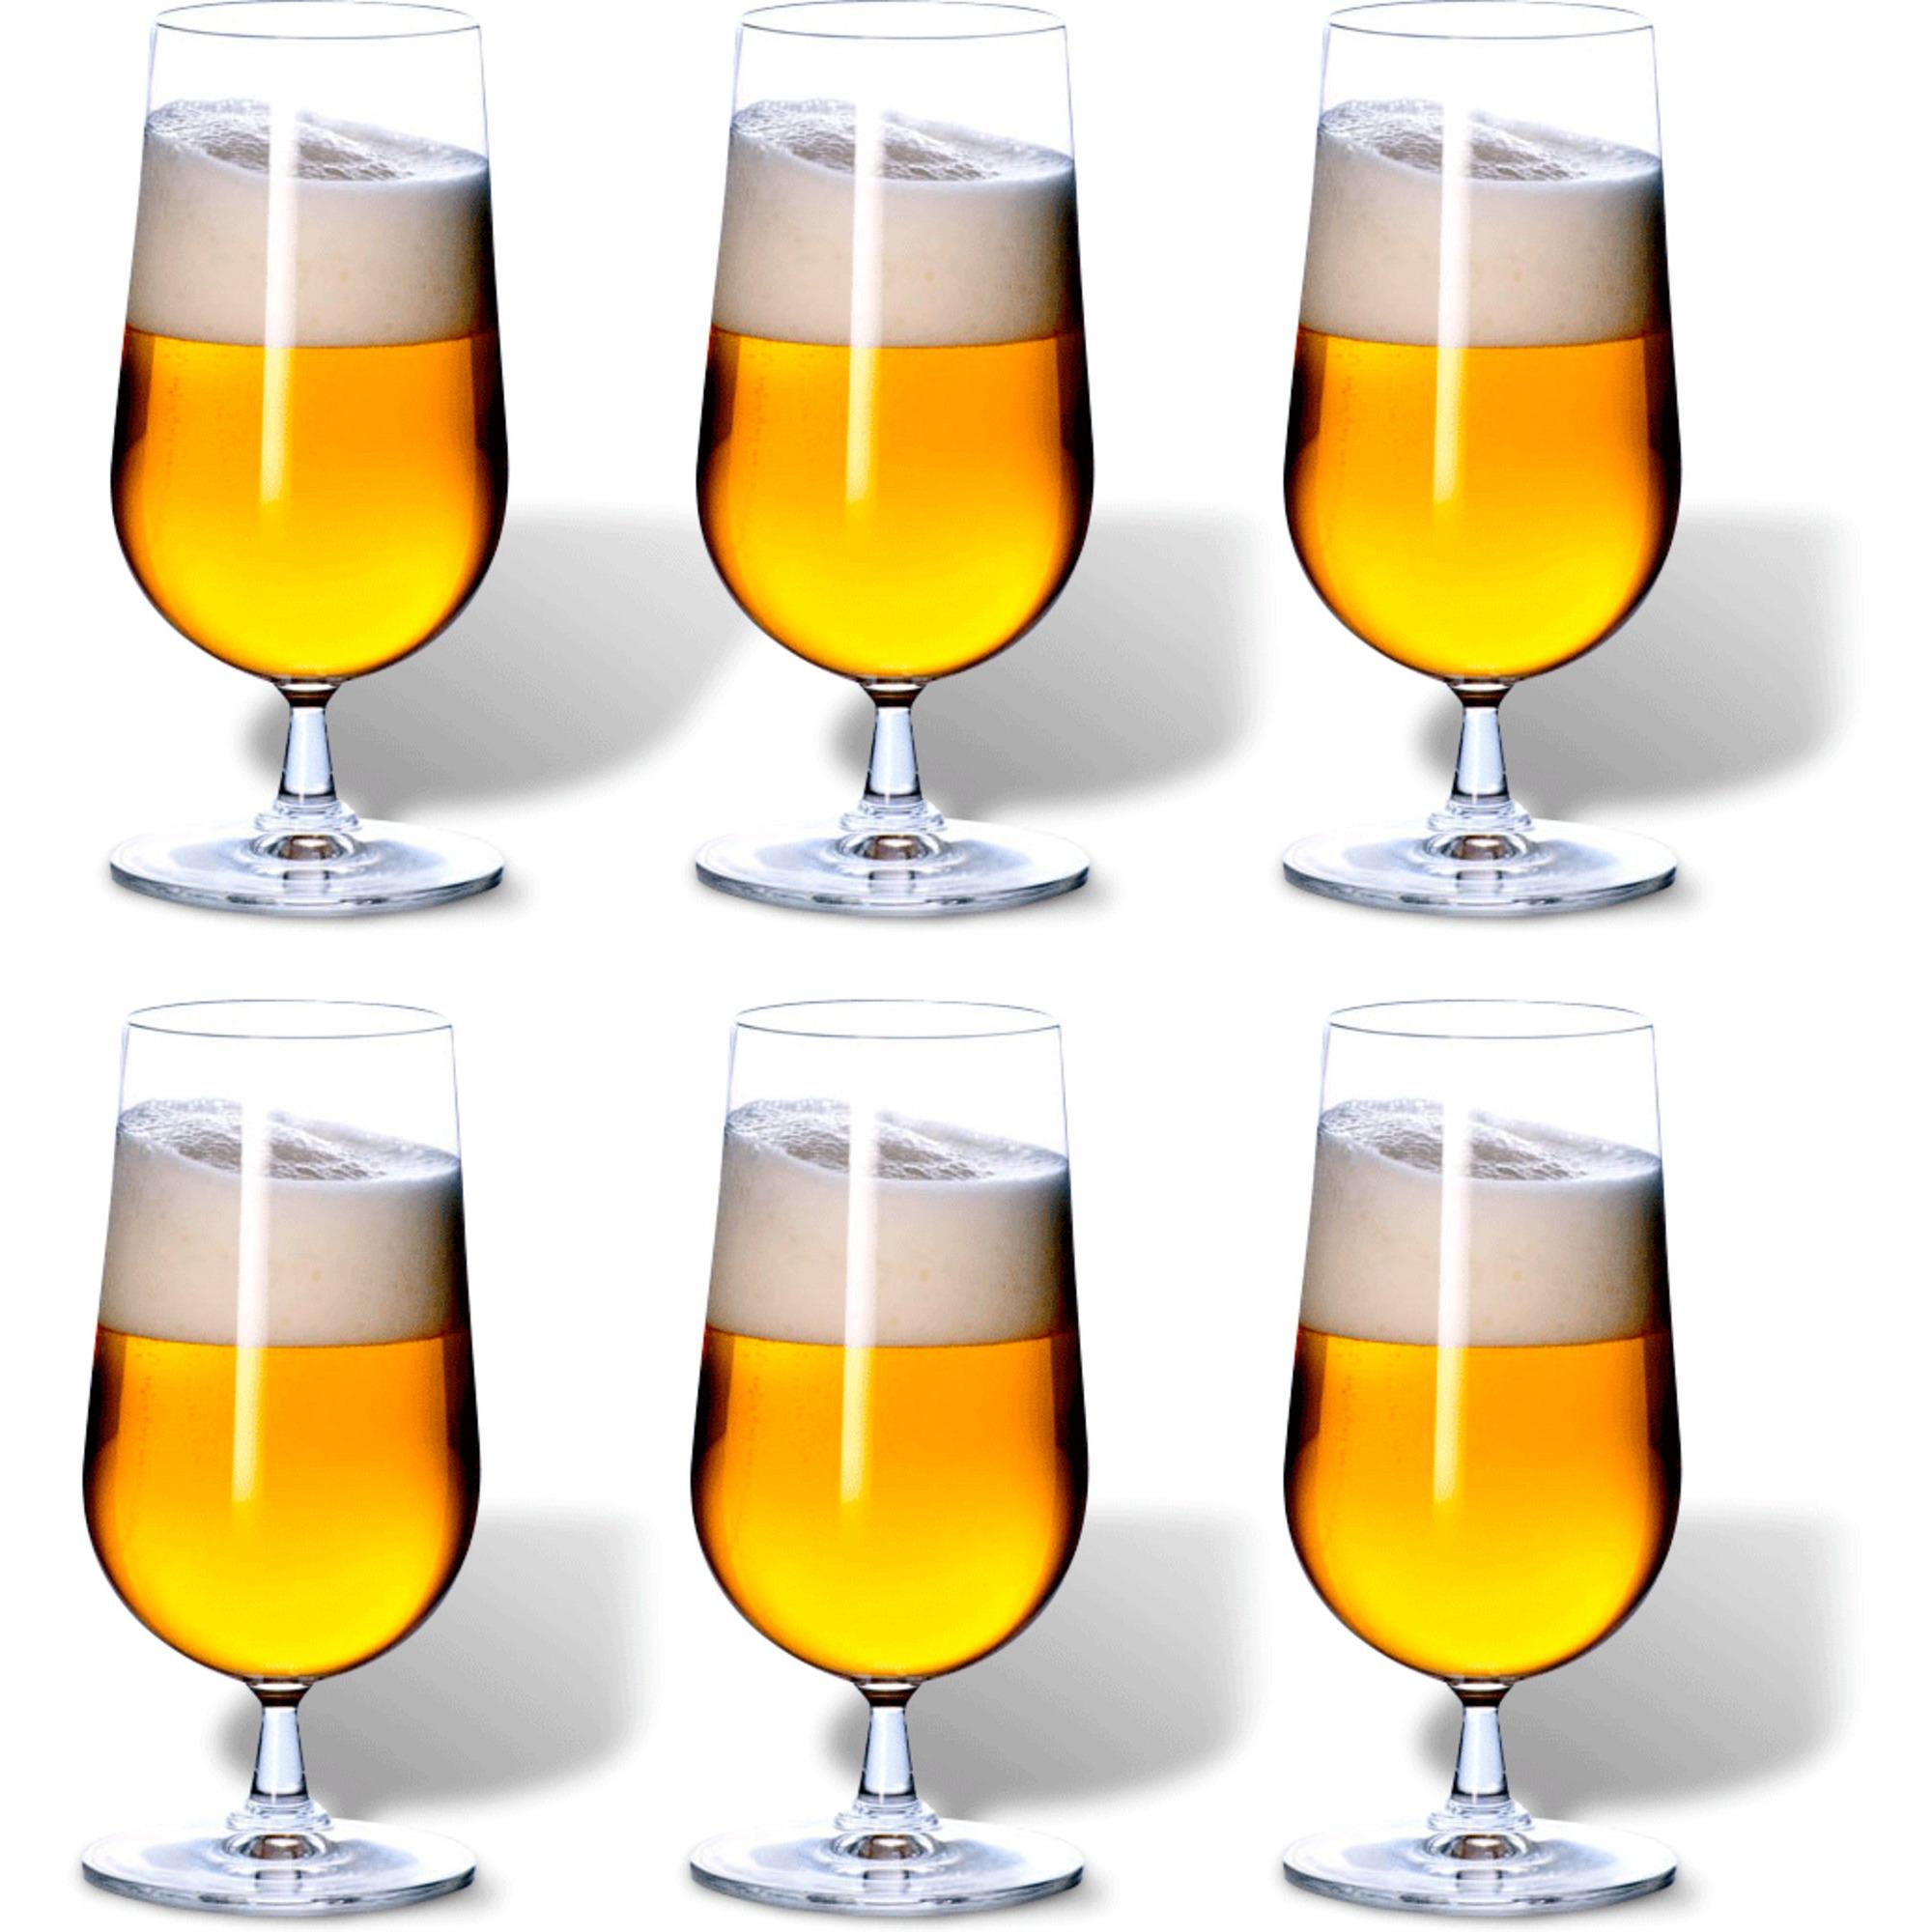 Rosendahl Grand Cru Ölglas 50 cl 6 st